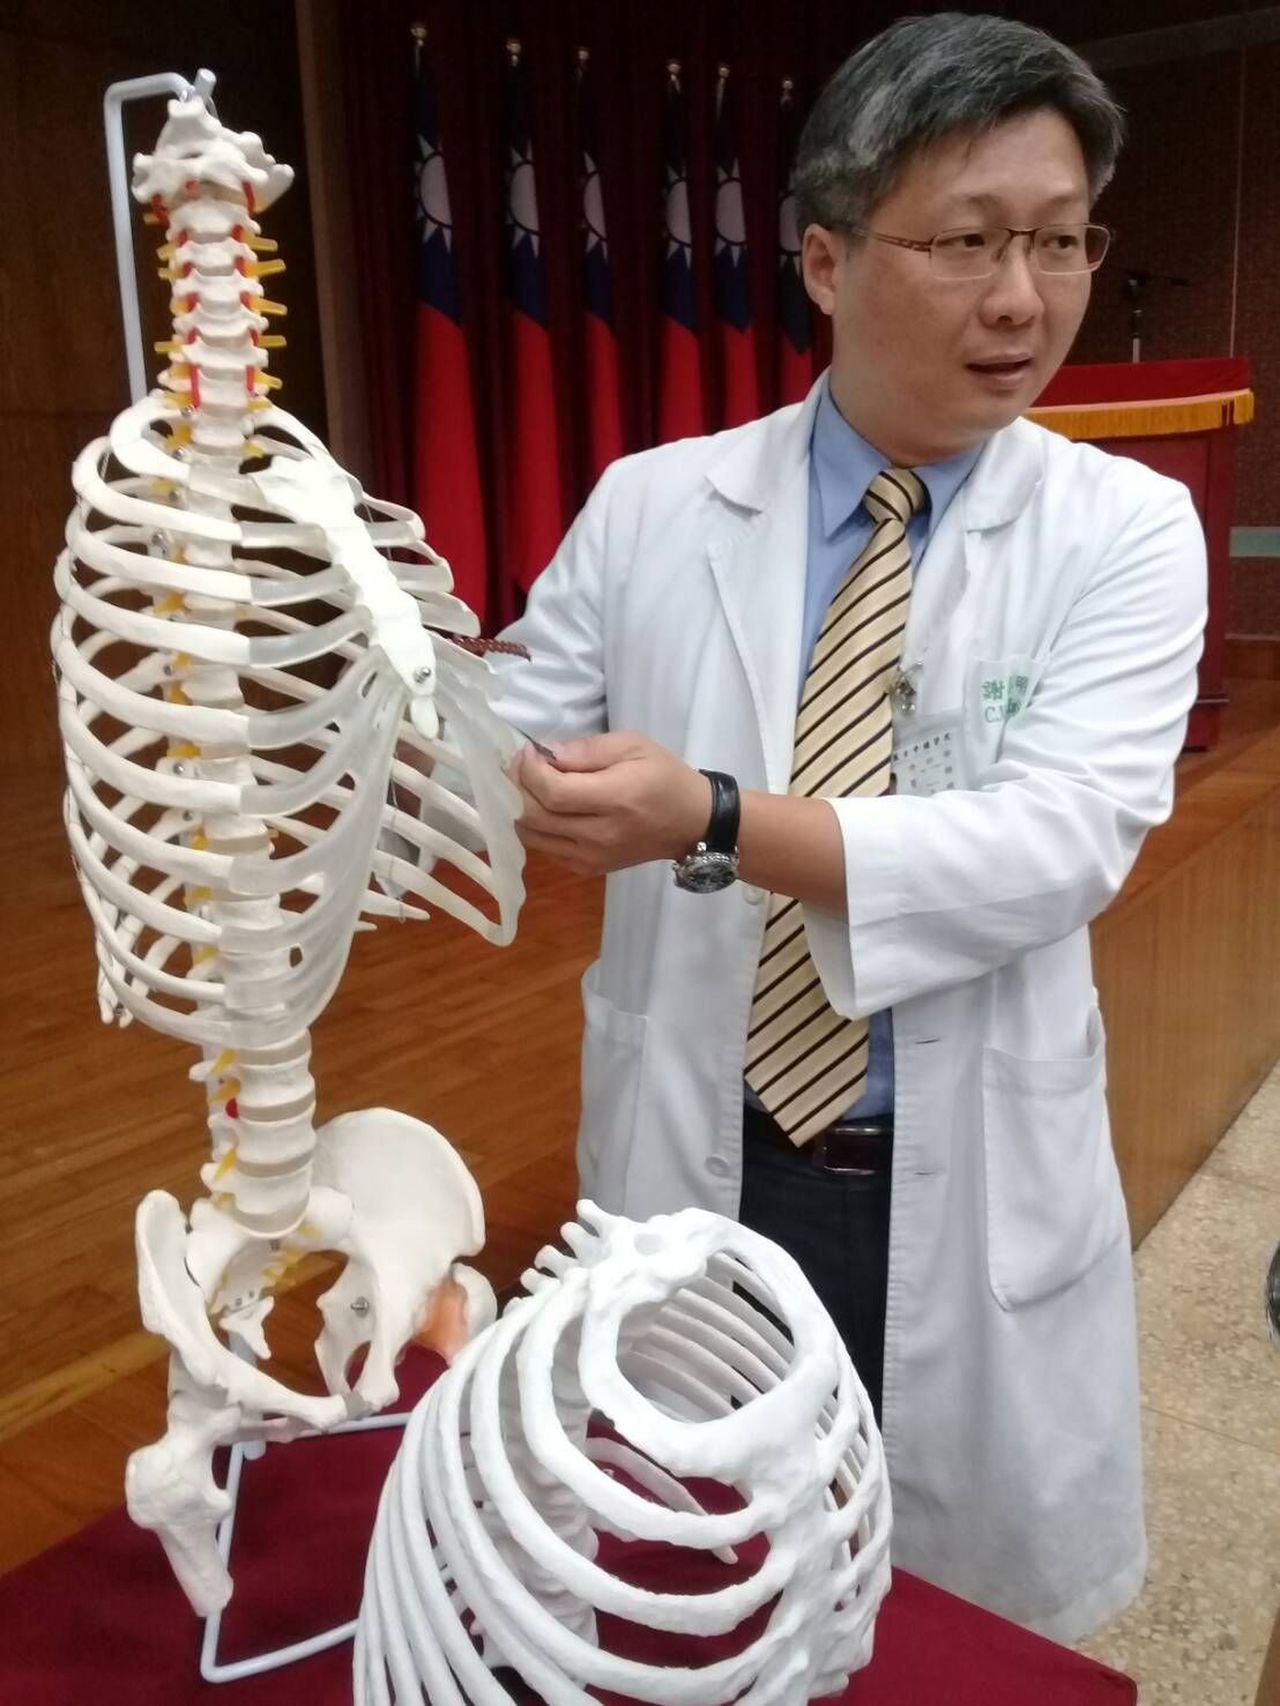 國軍台中總醫院胸腔外科主任謝志明說明肋骨骨折治療狀況。圖/國軍台中總醫院提供